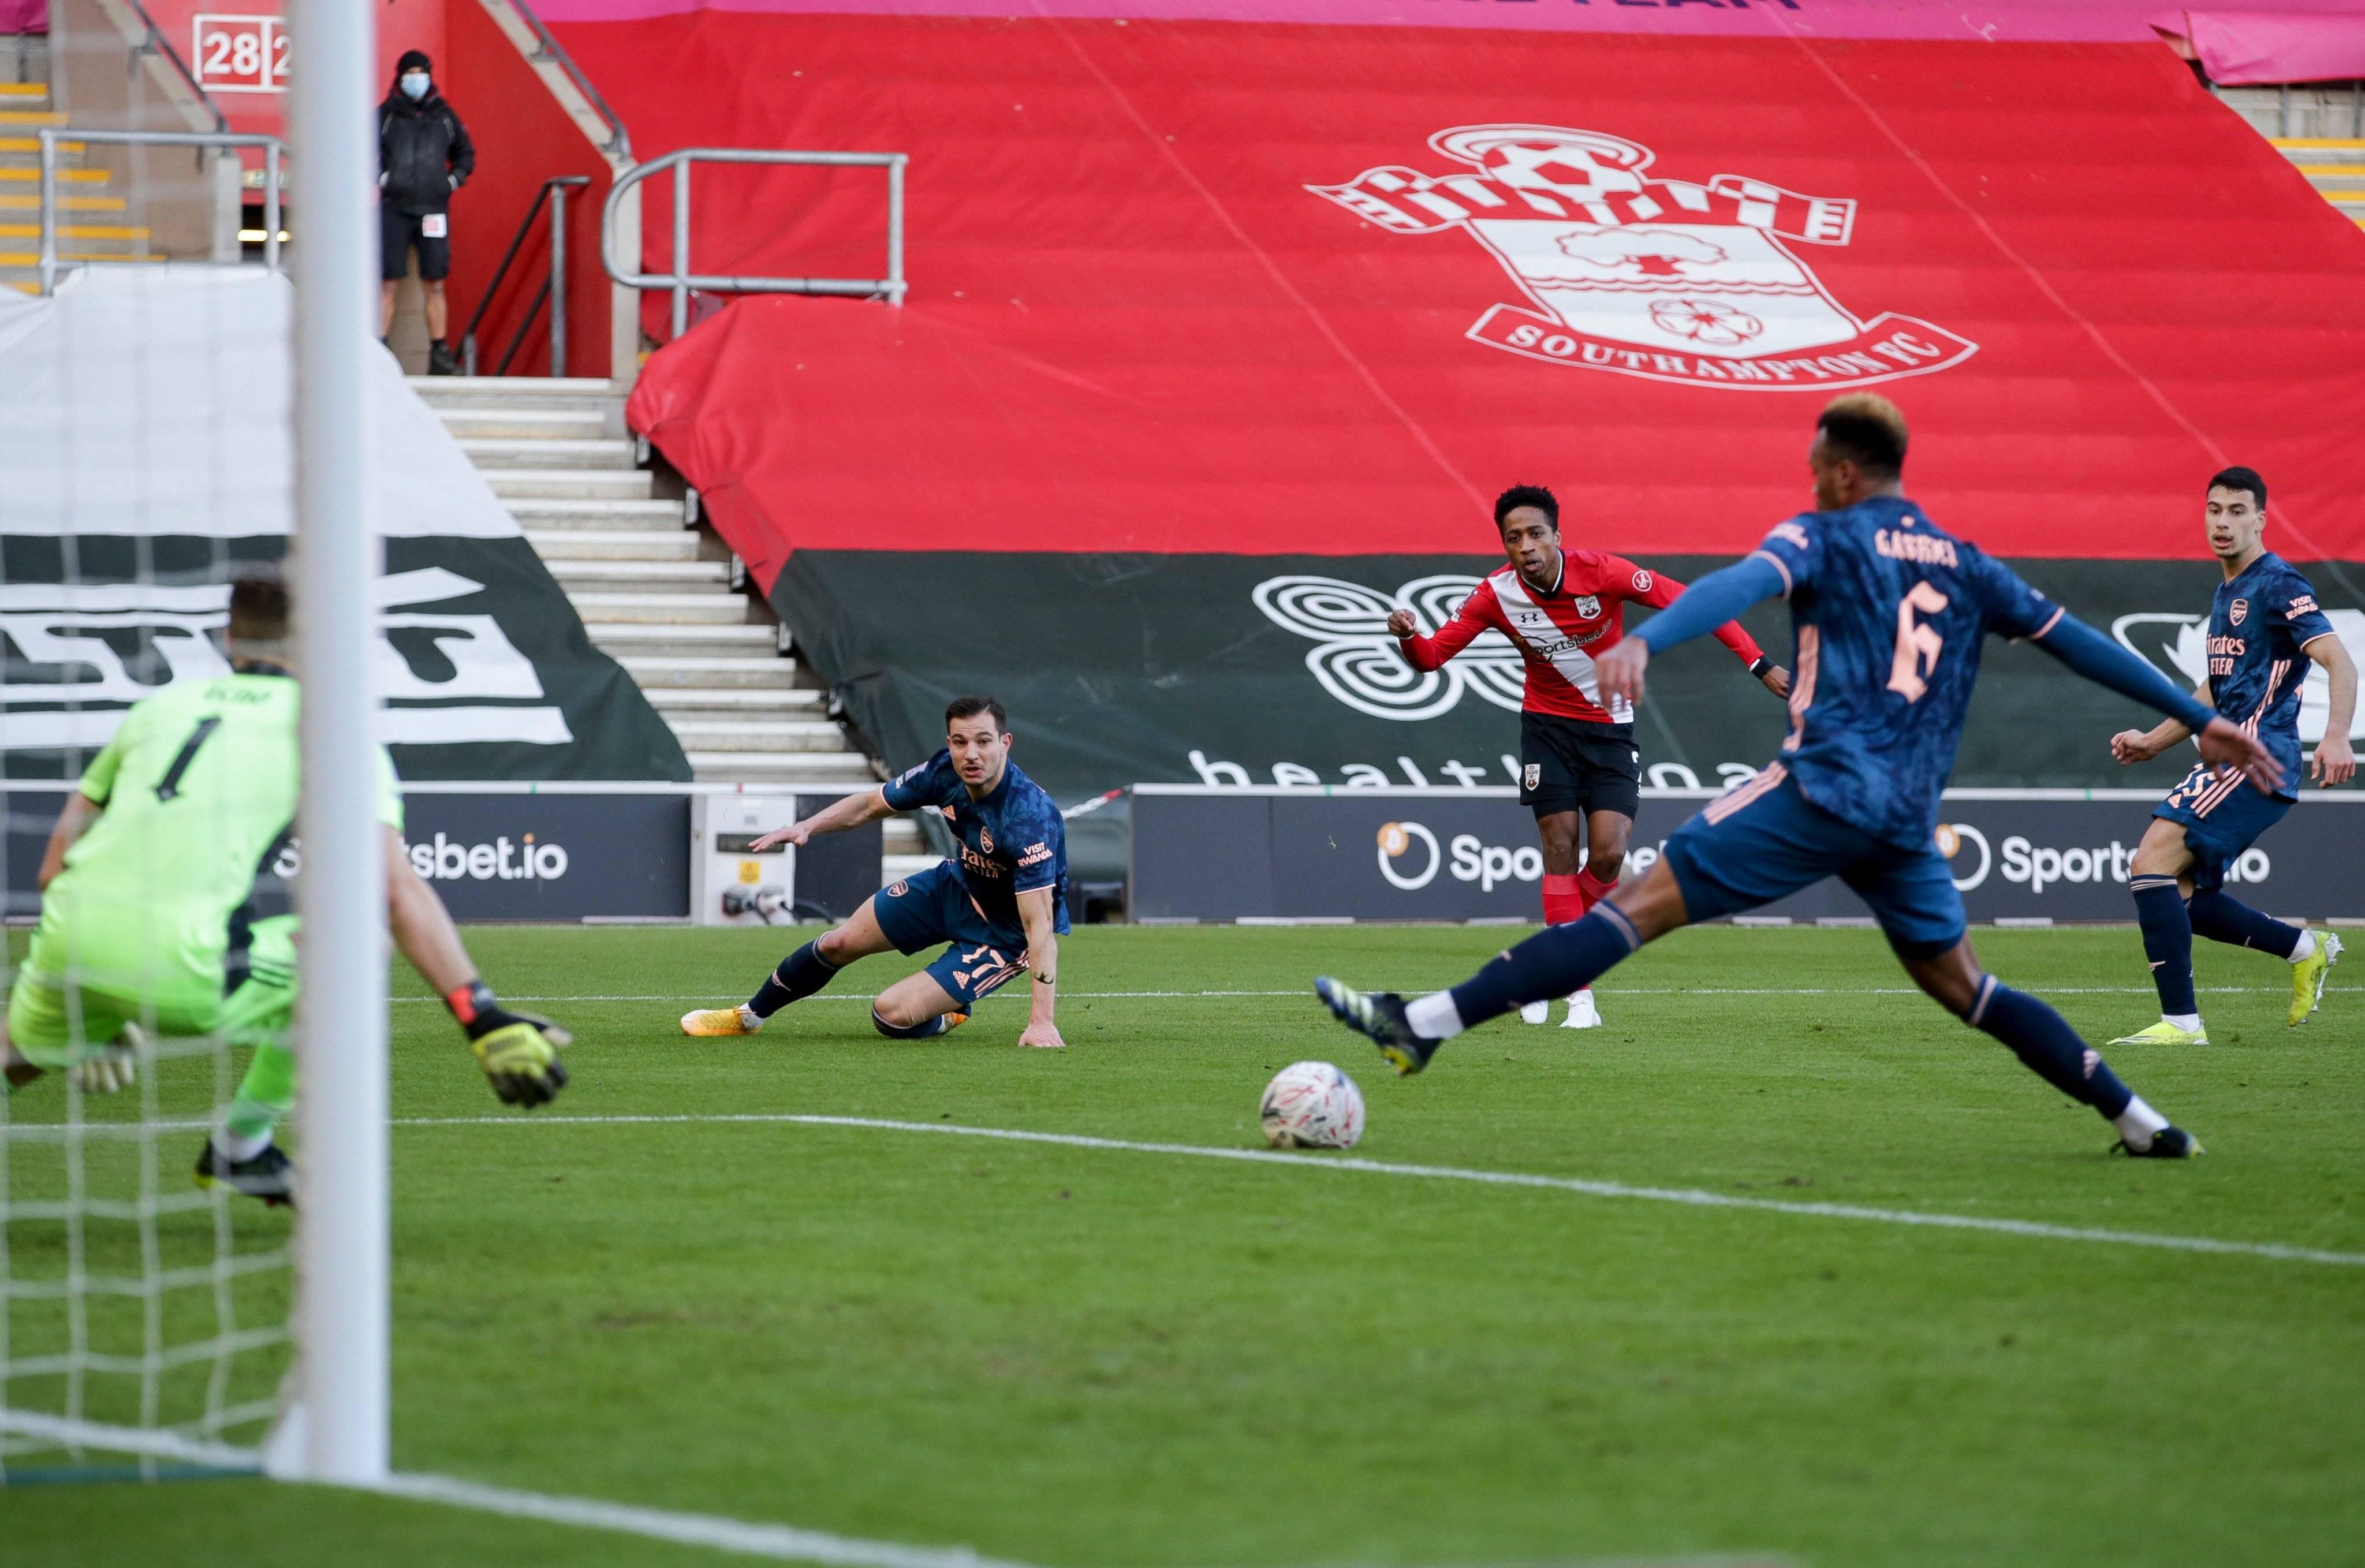 阿森纳0-1不敌南安普顿,停步足总杯第4轮